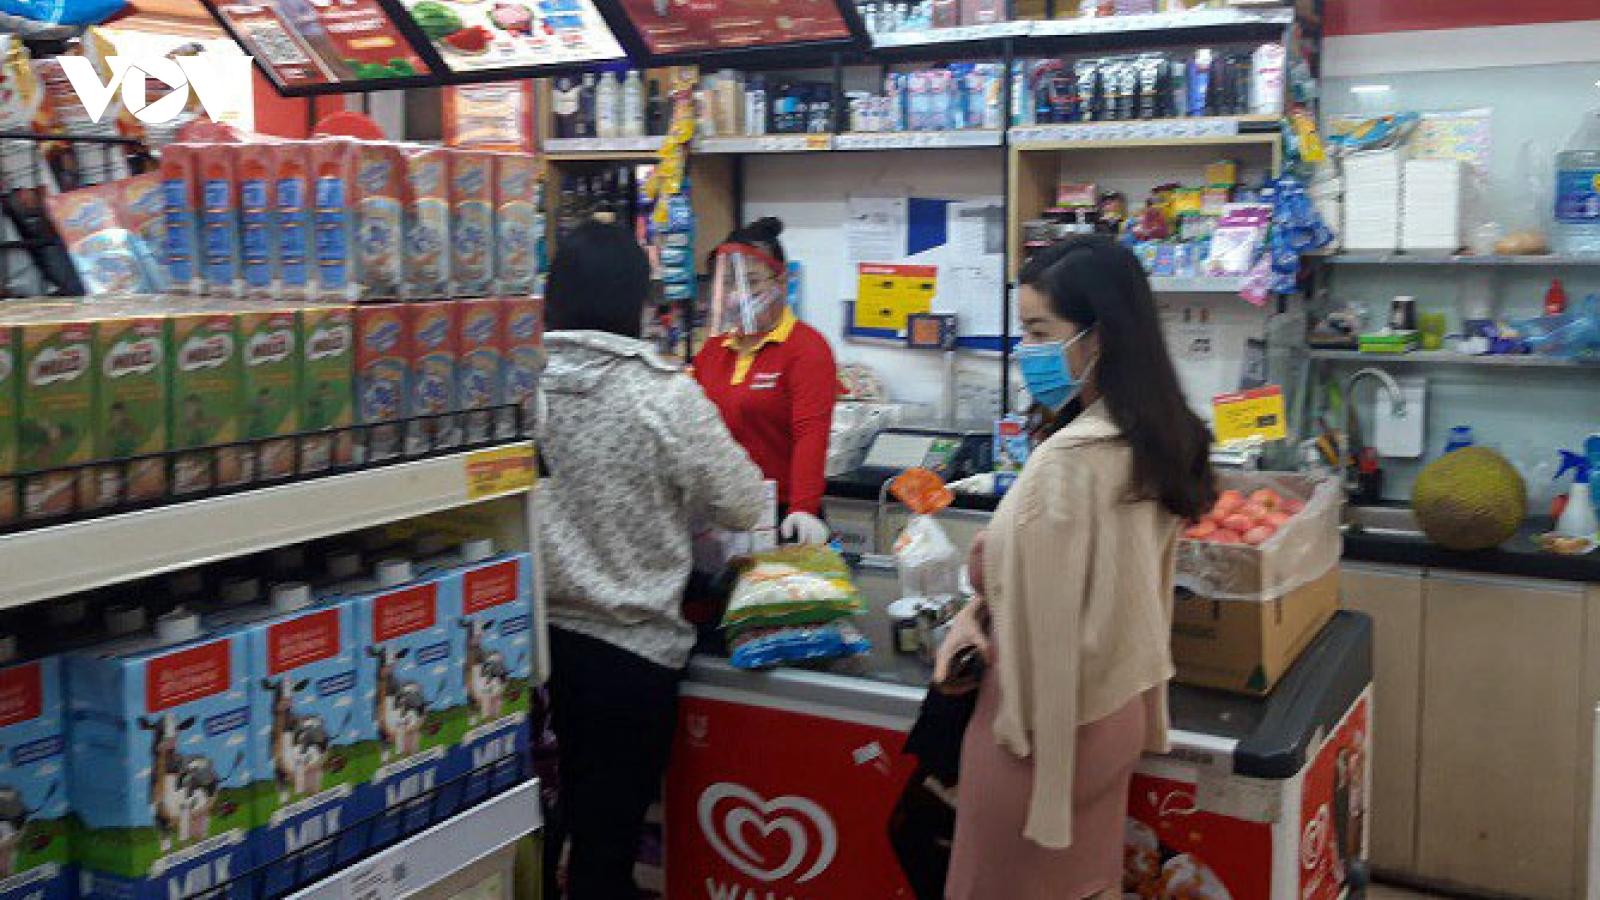 Cửa hàng tiện lợi, kênh phân phối hiệu quả trong mùa dịch